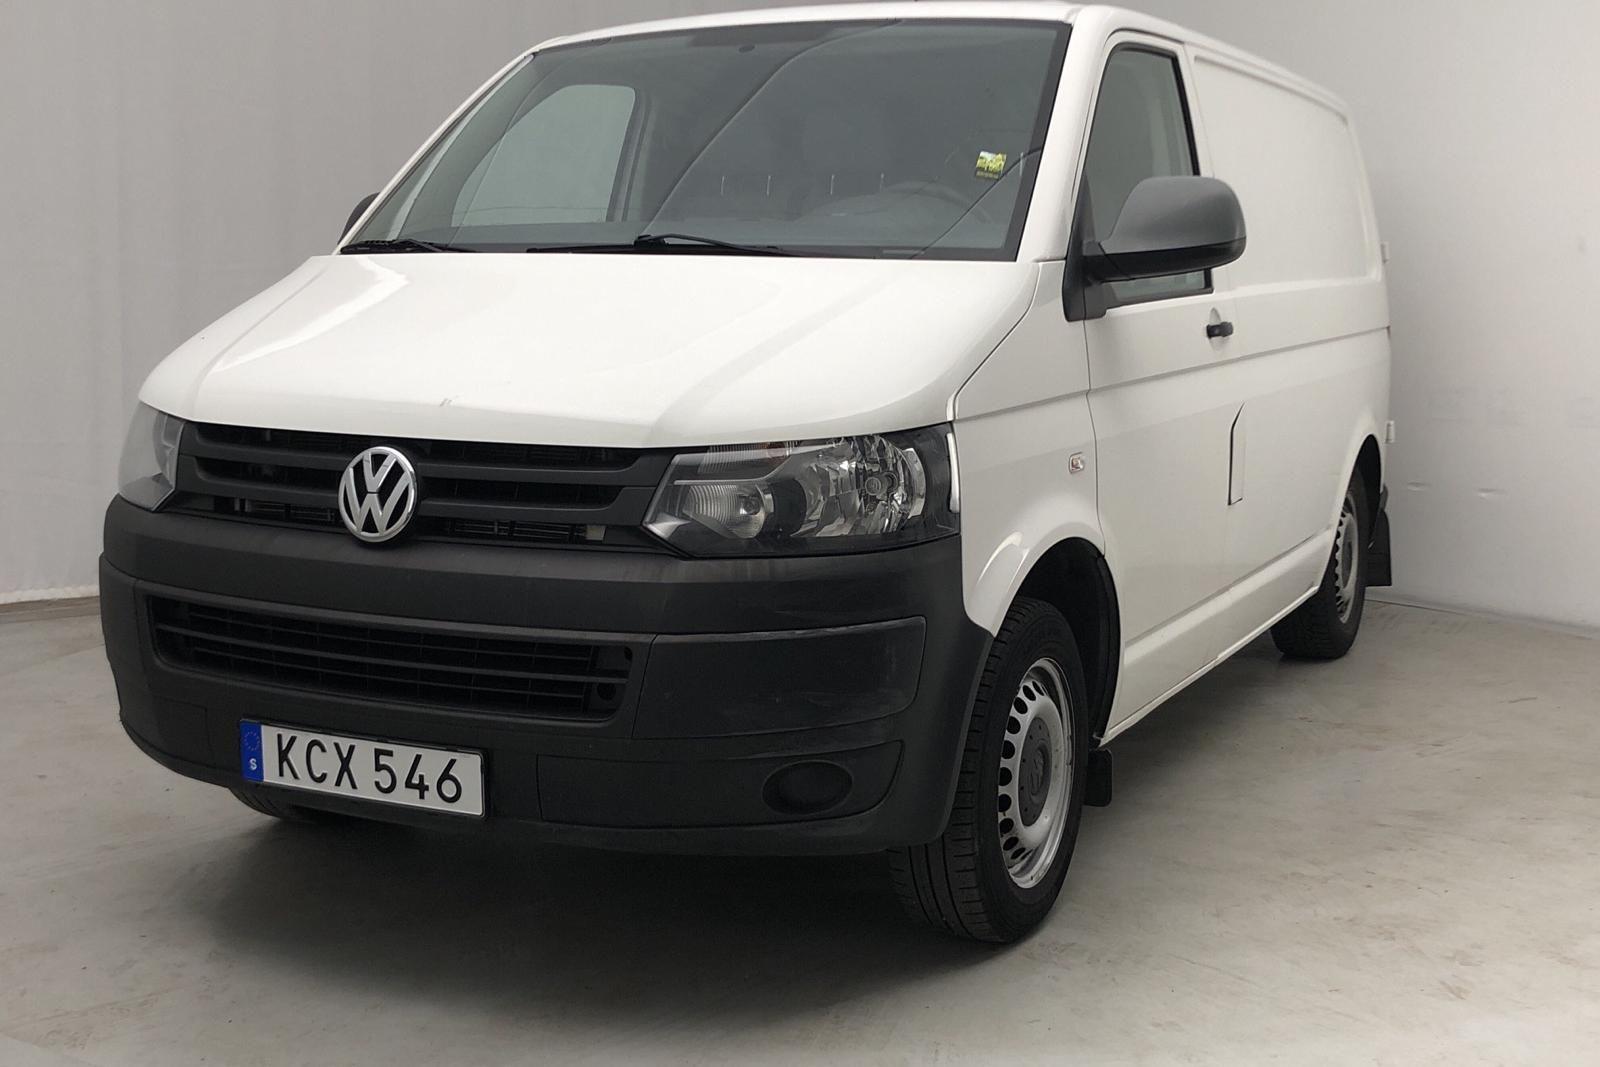 Transporter VW T5 2.0 TDI (102Hk)